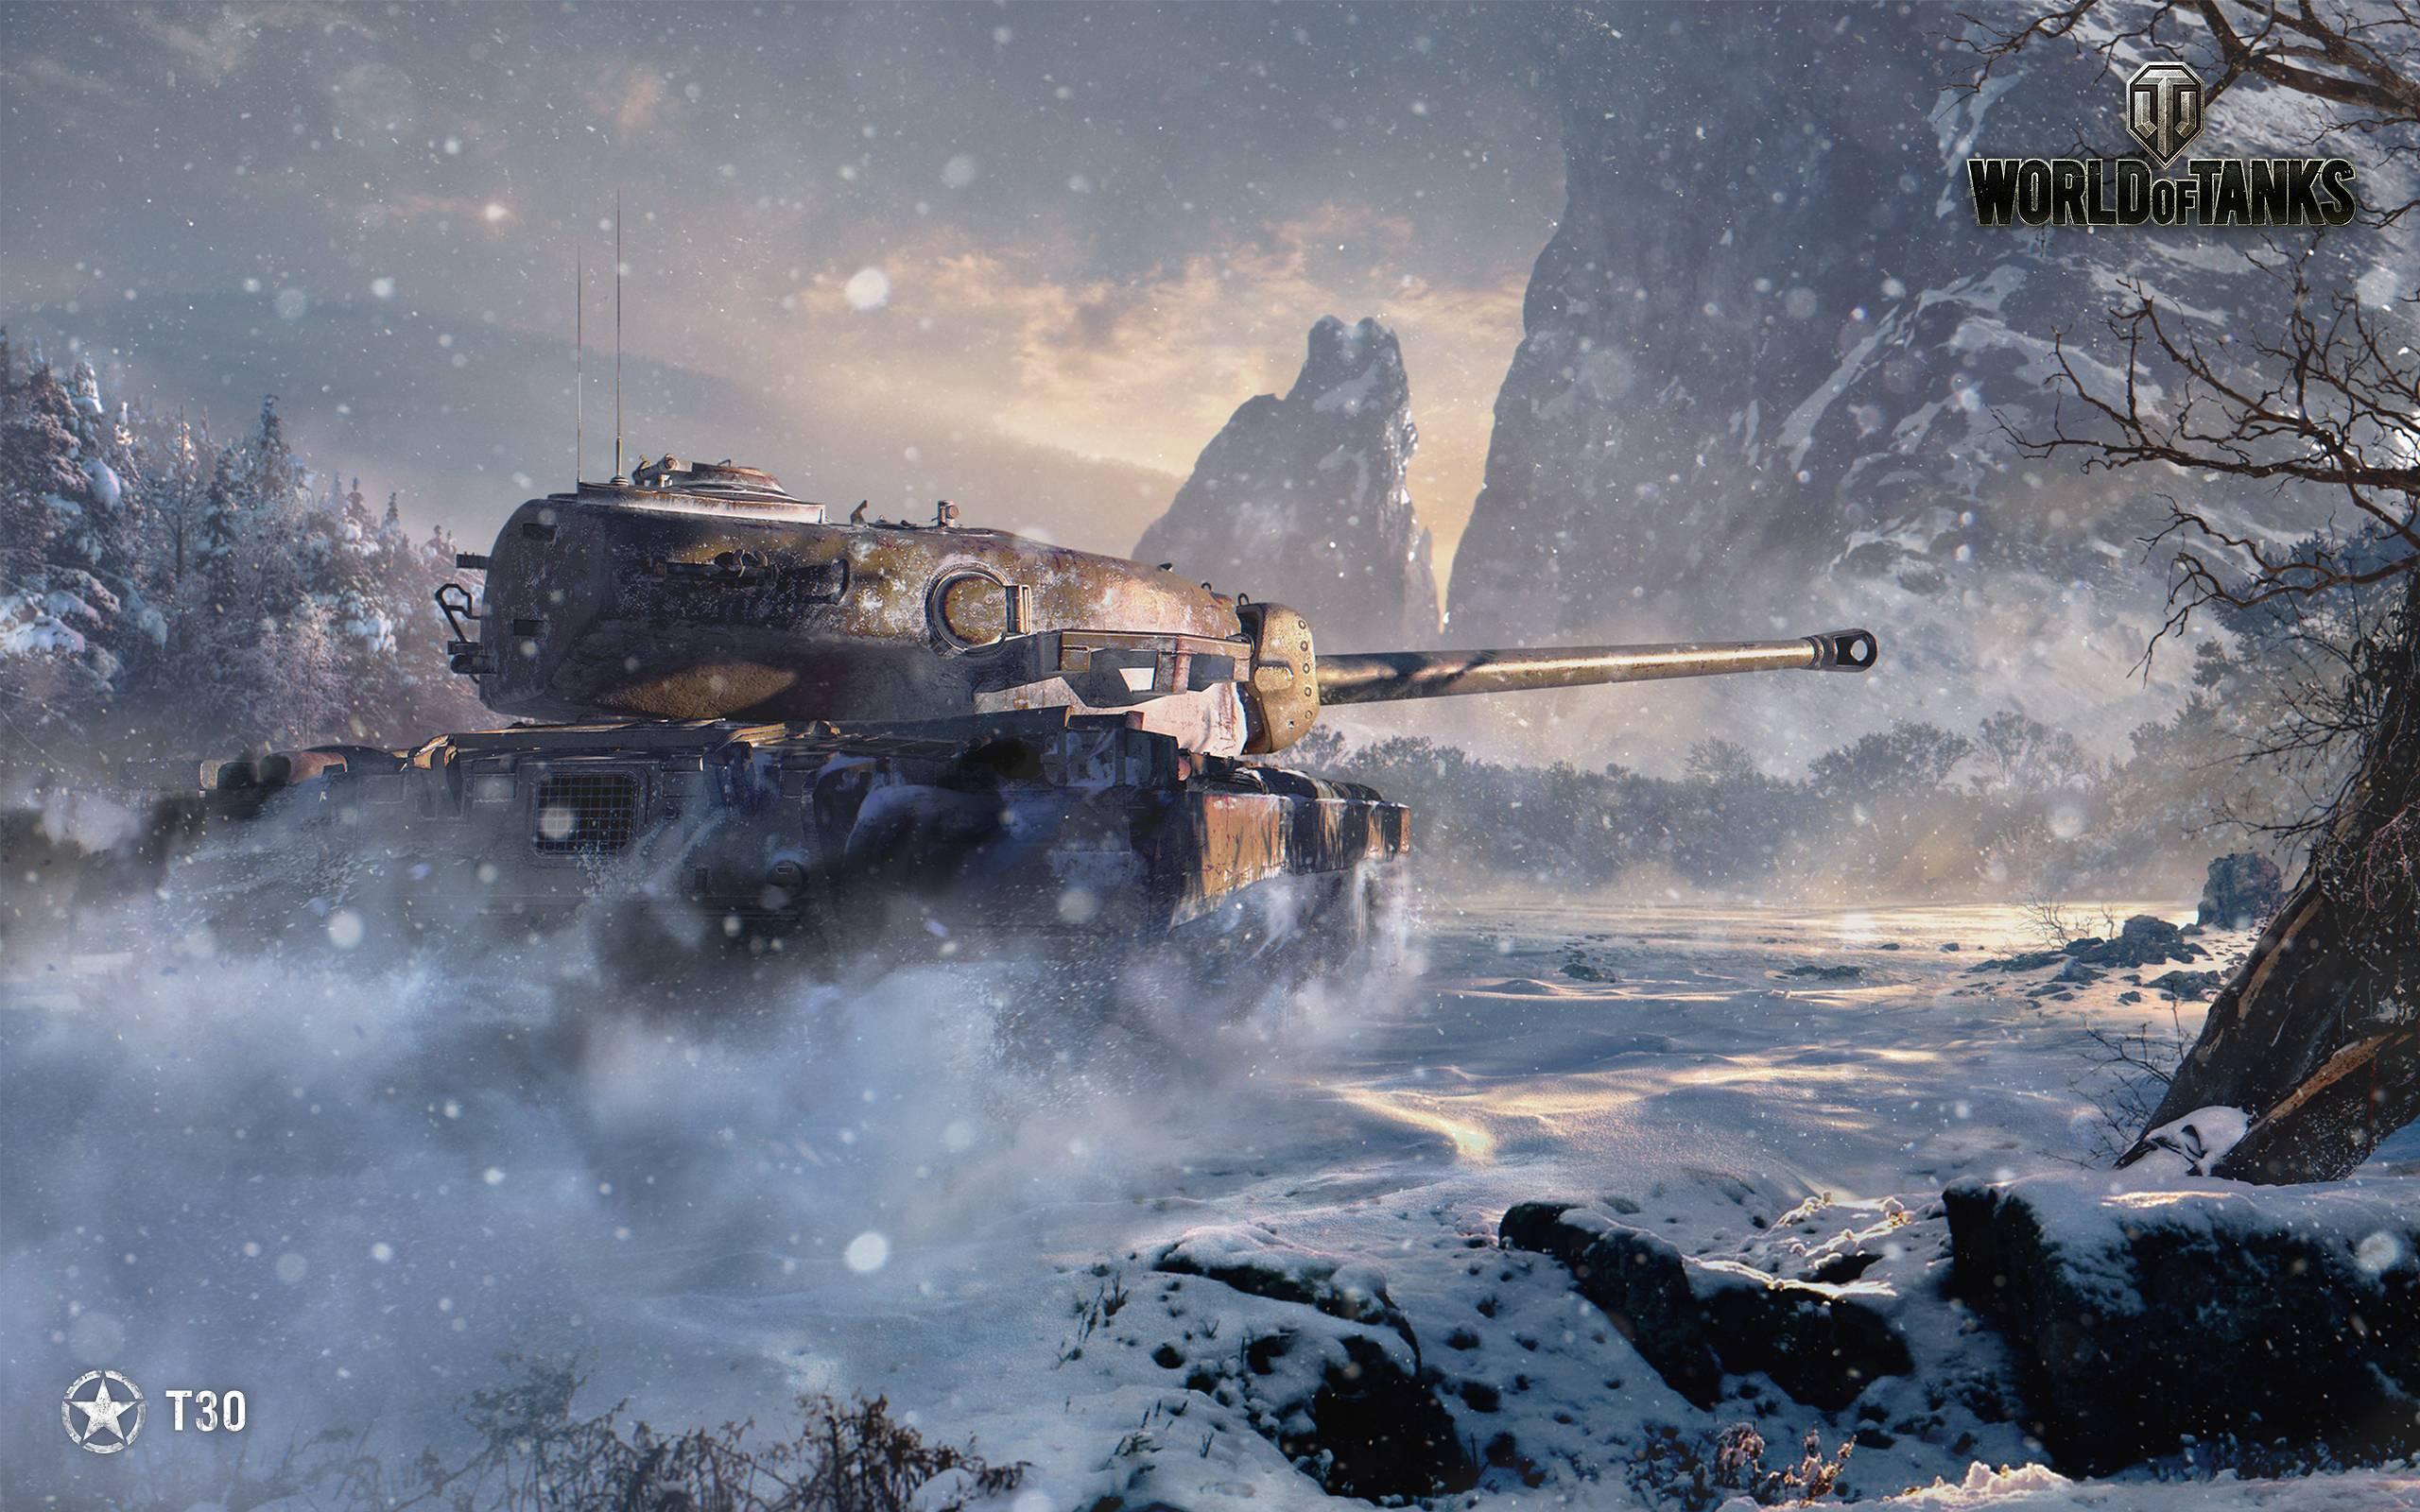 Обои world of tanks, танк, T30, зима